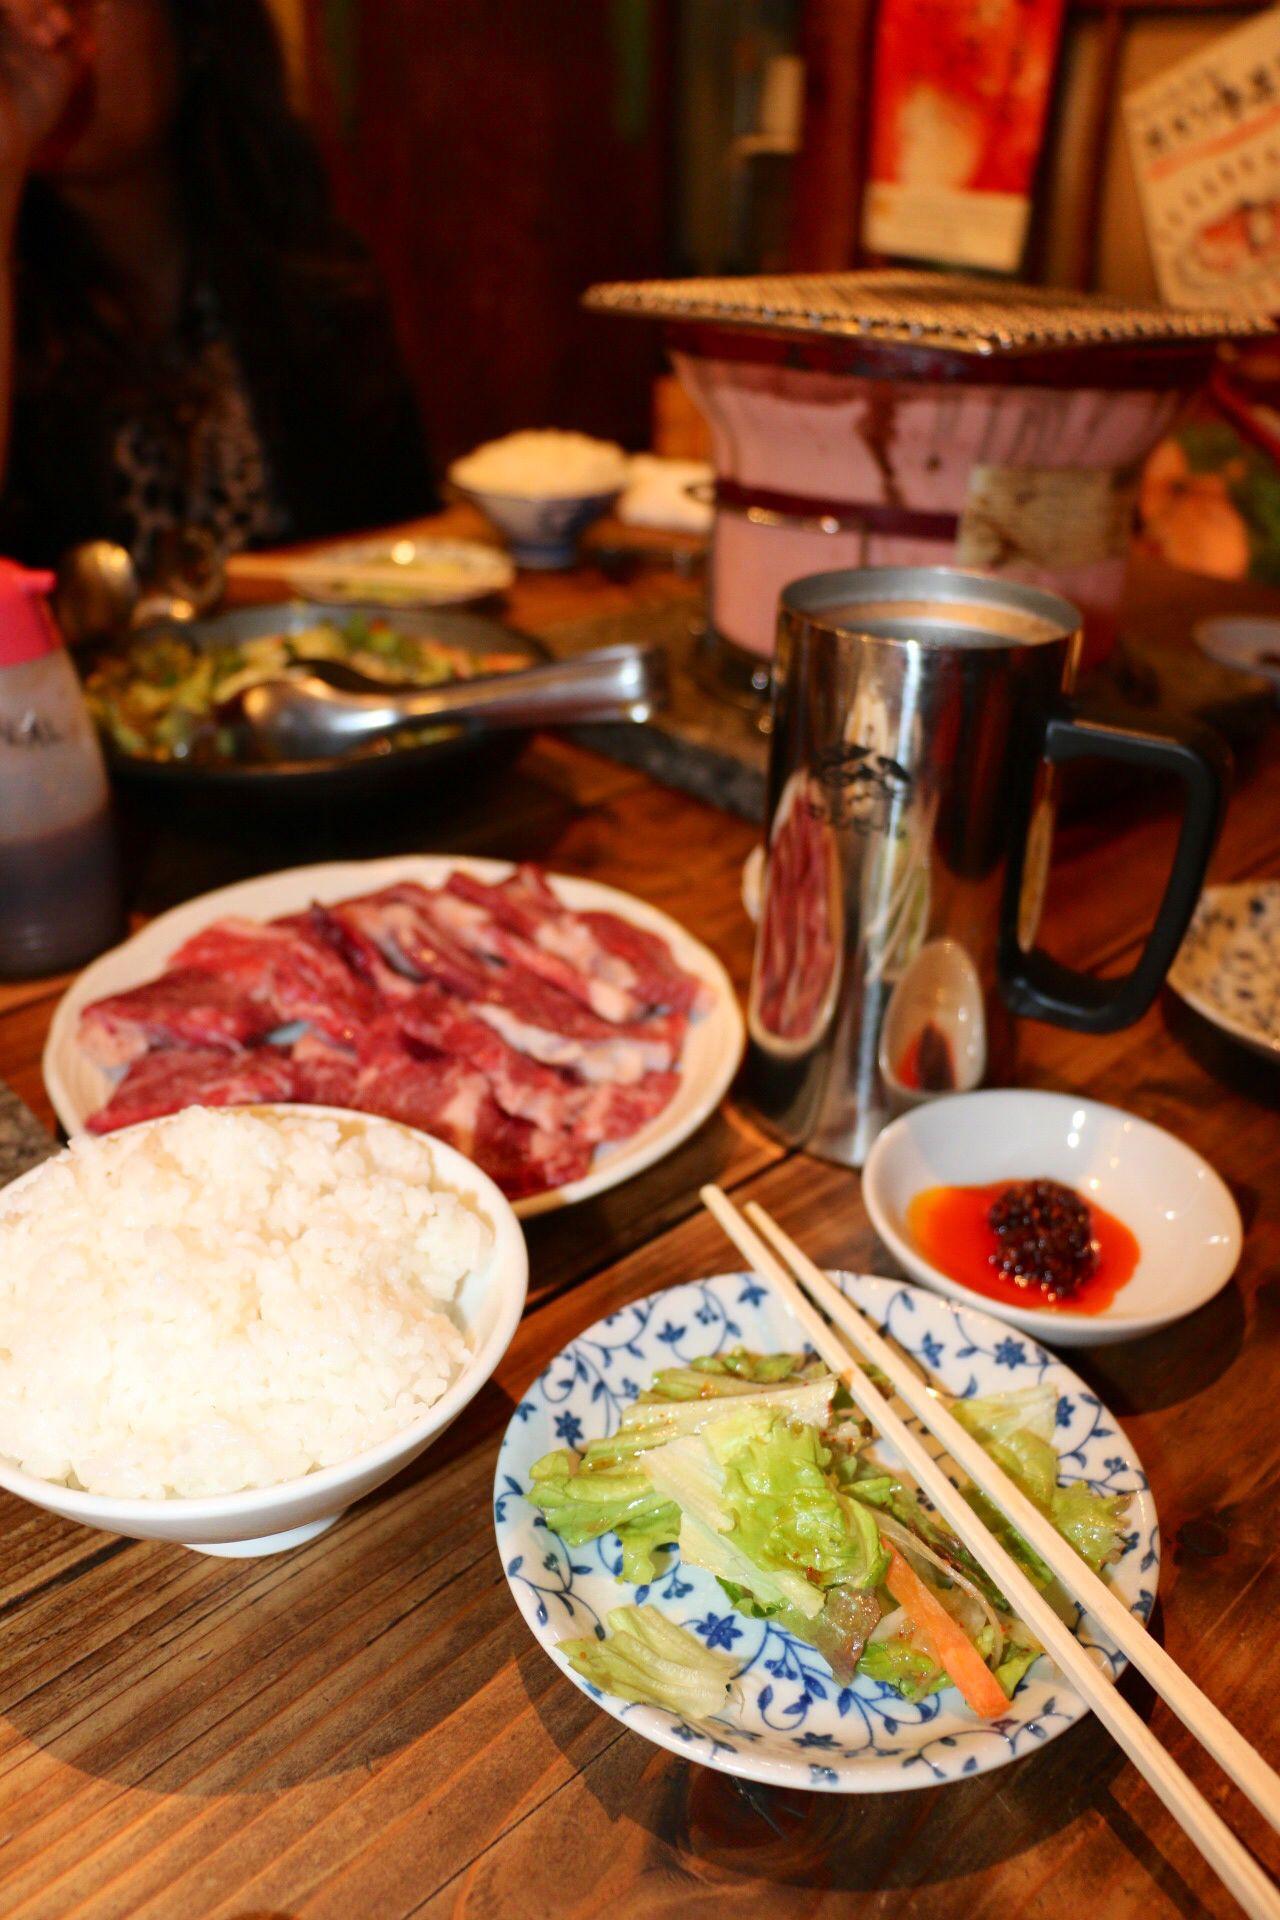 Gyumon Yakiniku At Shibuya Tokyo Japan The Best Halal Beef Barbecue Set Meal Halal Recipes Food Beef Barbecue